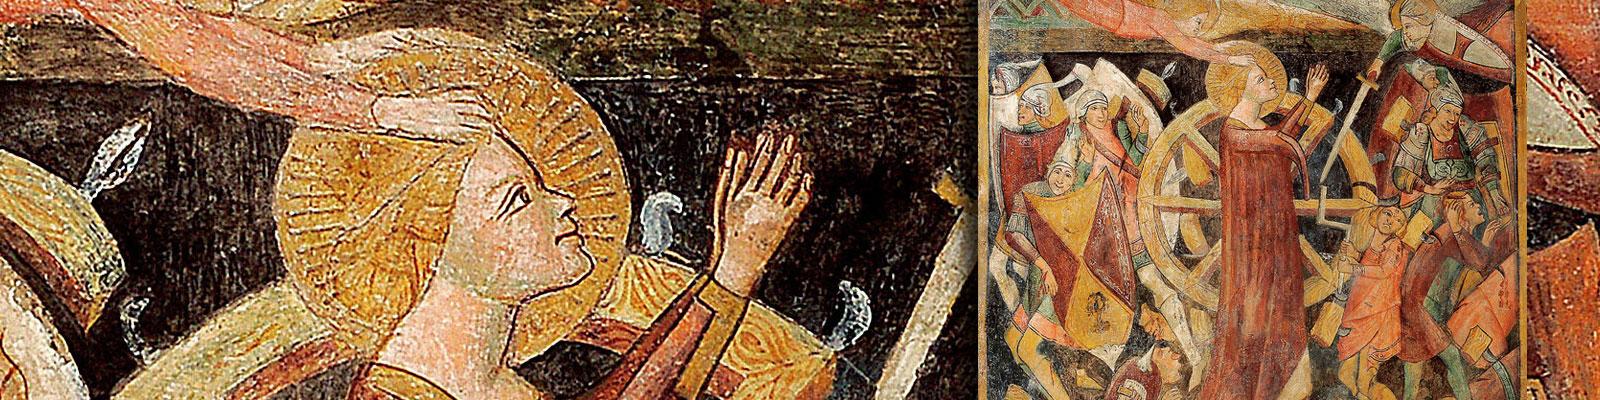 dalle-origini-al-xiv-secolo